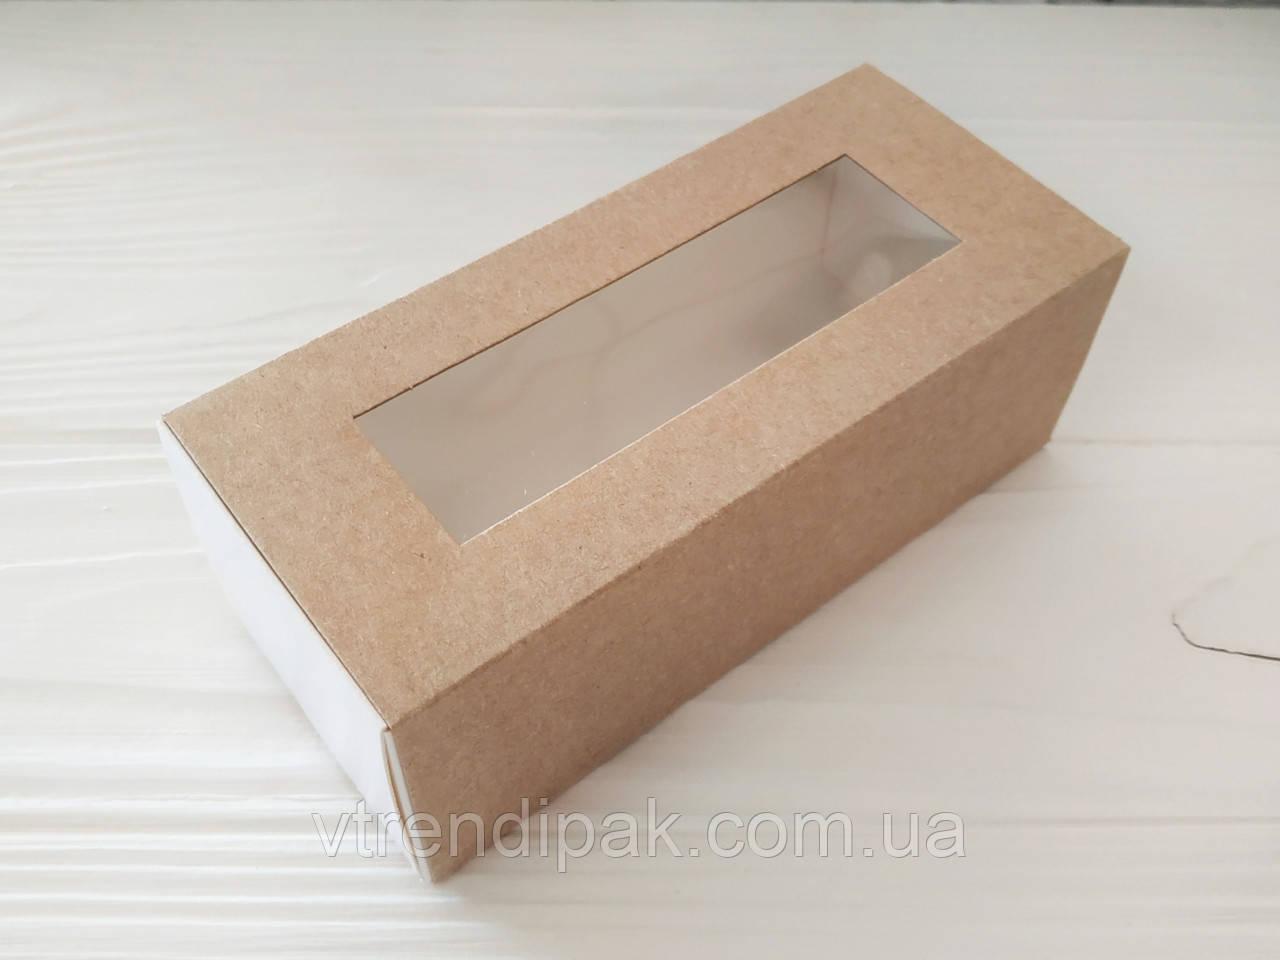 Коробка для macarons 140*60*50 крафт